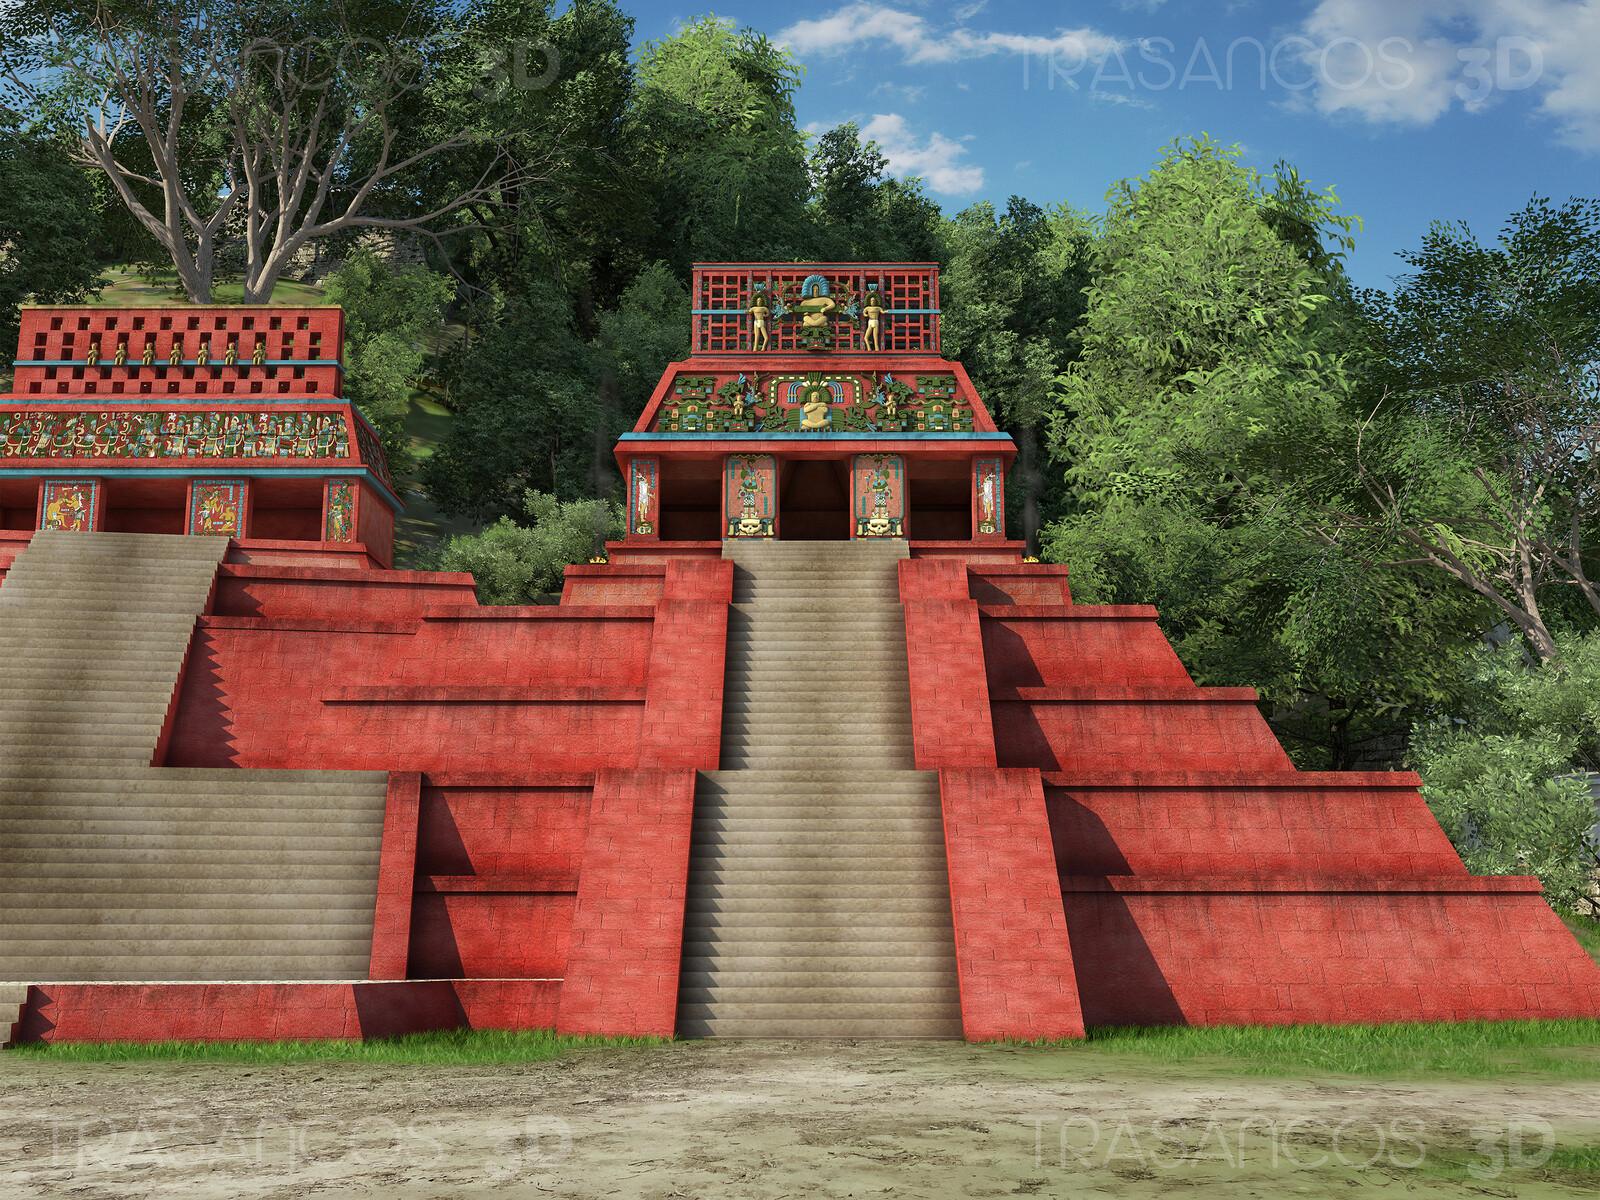 View of 'Templo de la Calavera' (Temple of the Skull) in Palenque. Modeled in collaboration with: - Alejandro Soriano